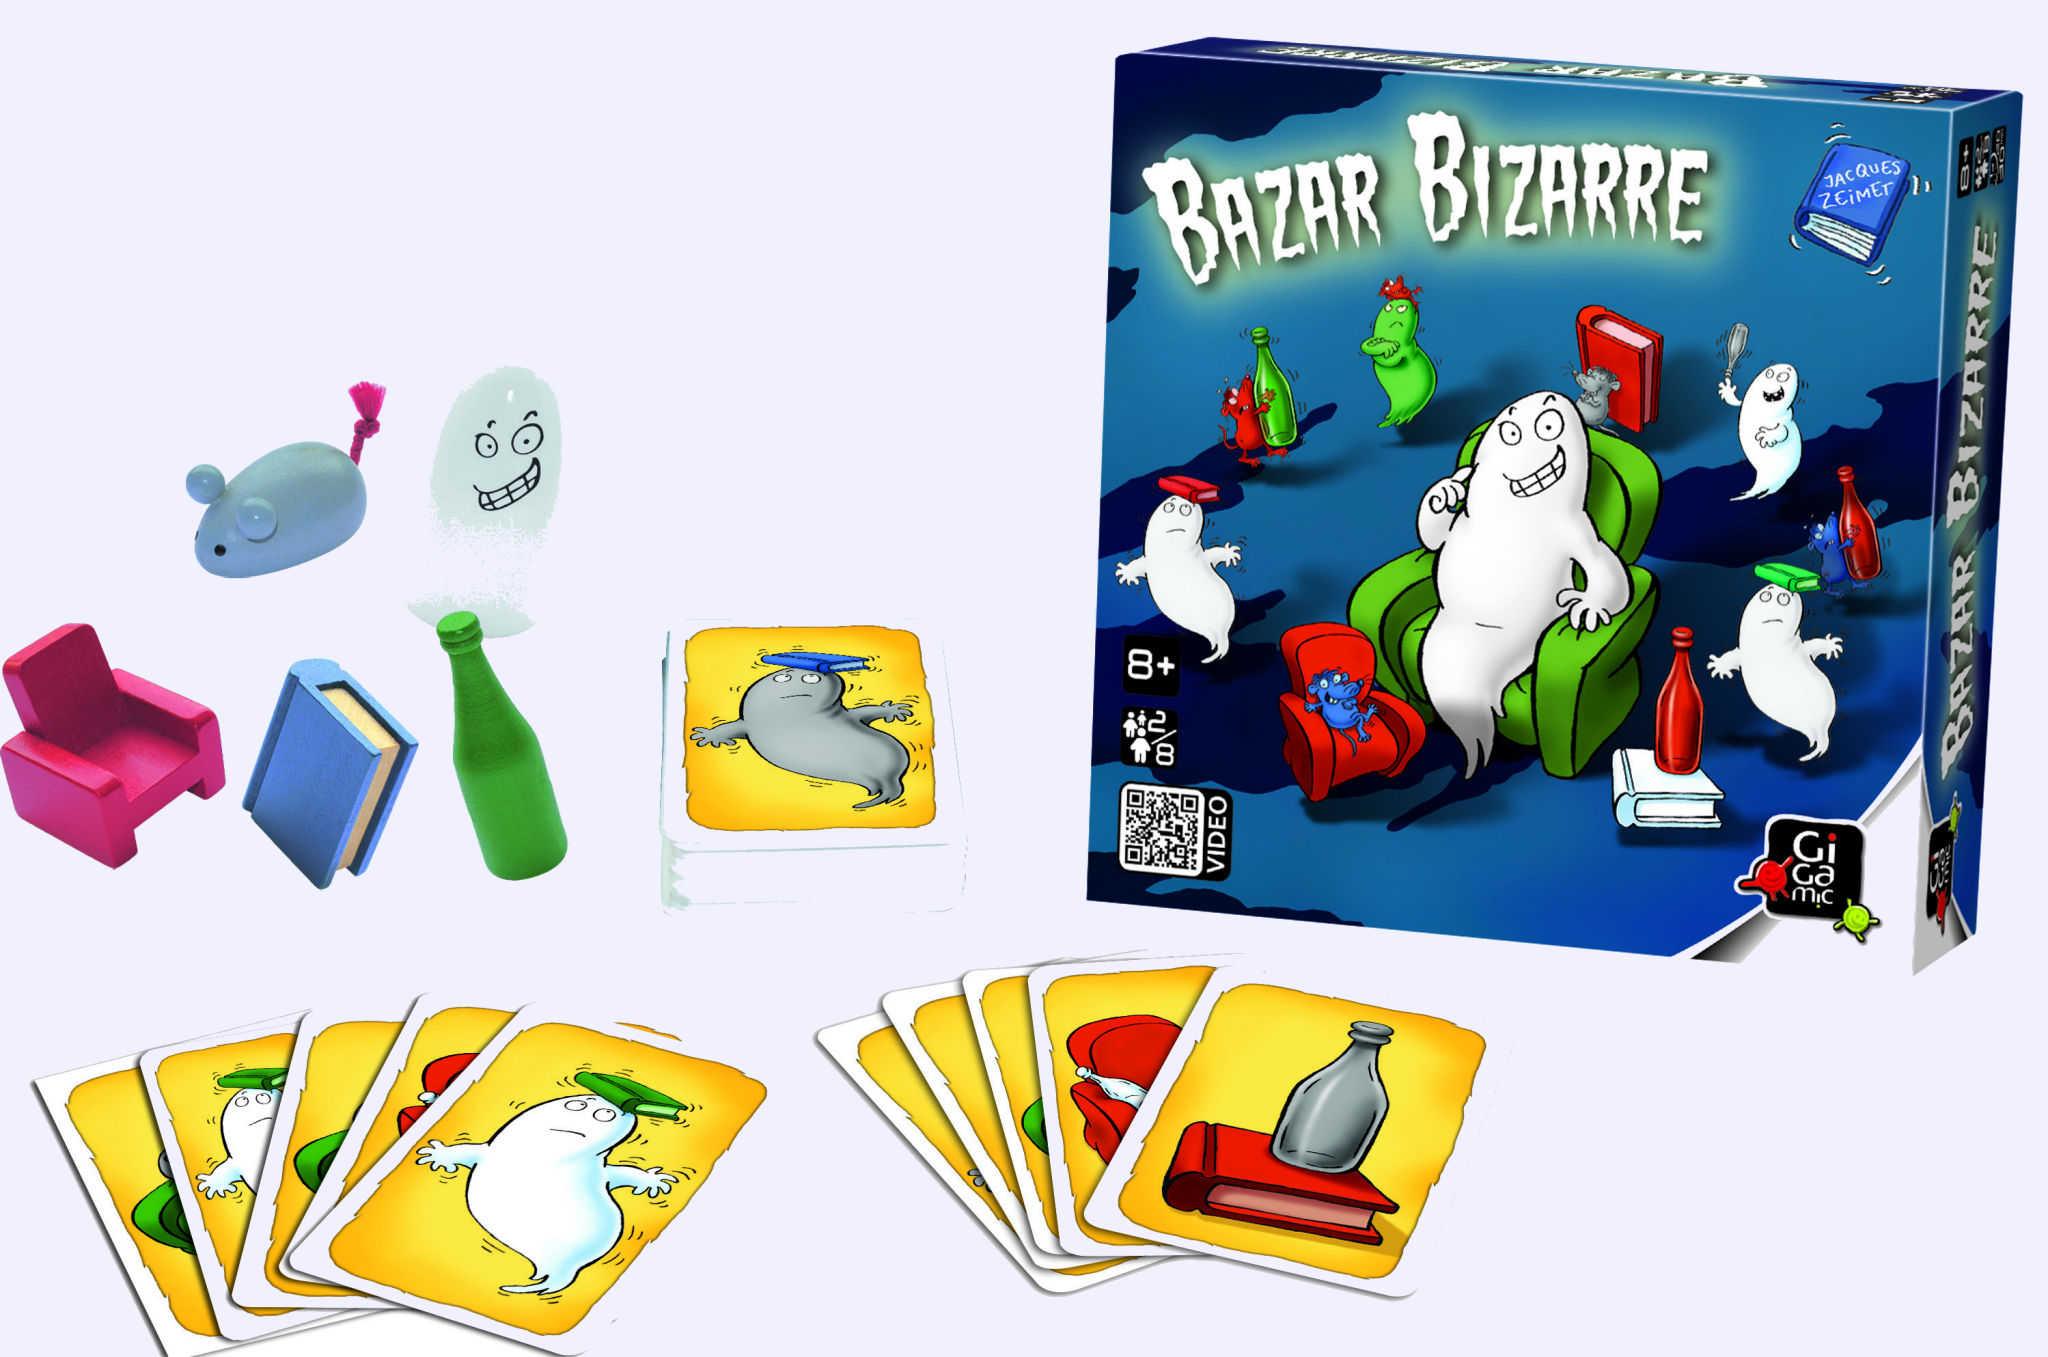 http://www.jeuxdenim.be/images/jeux/BazarBizarre_large02.jpg